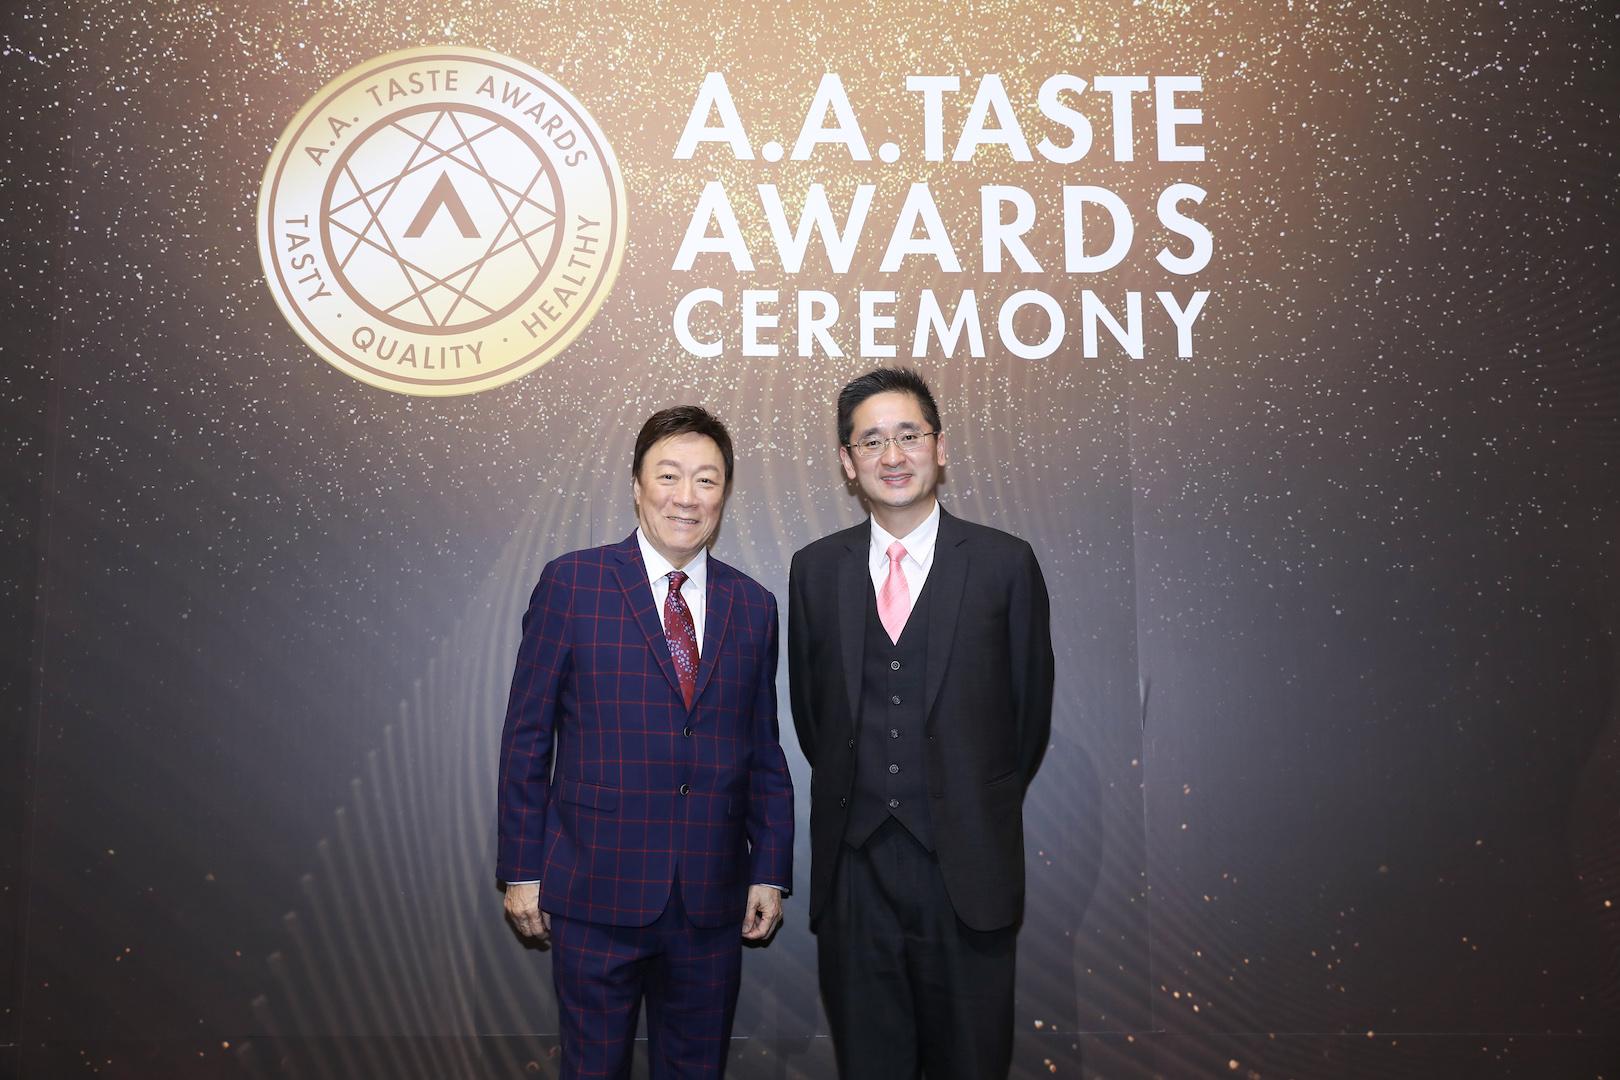 圖:主禮嘉賓香港商務局陳百里副局長及傑出跨界媒體人暨美食家陳欣健先生